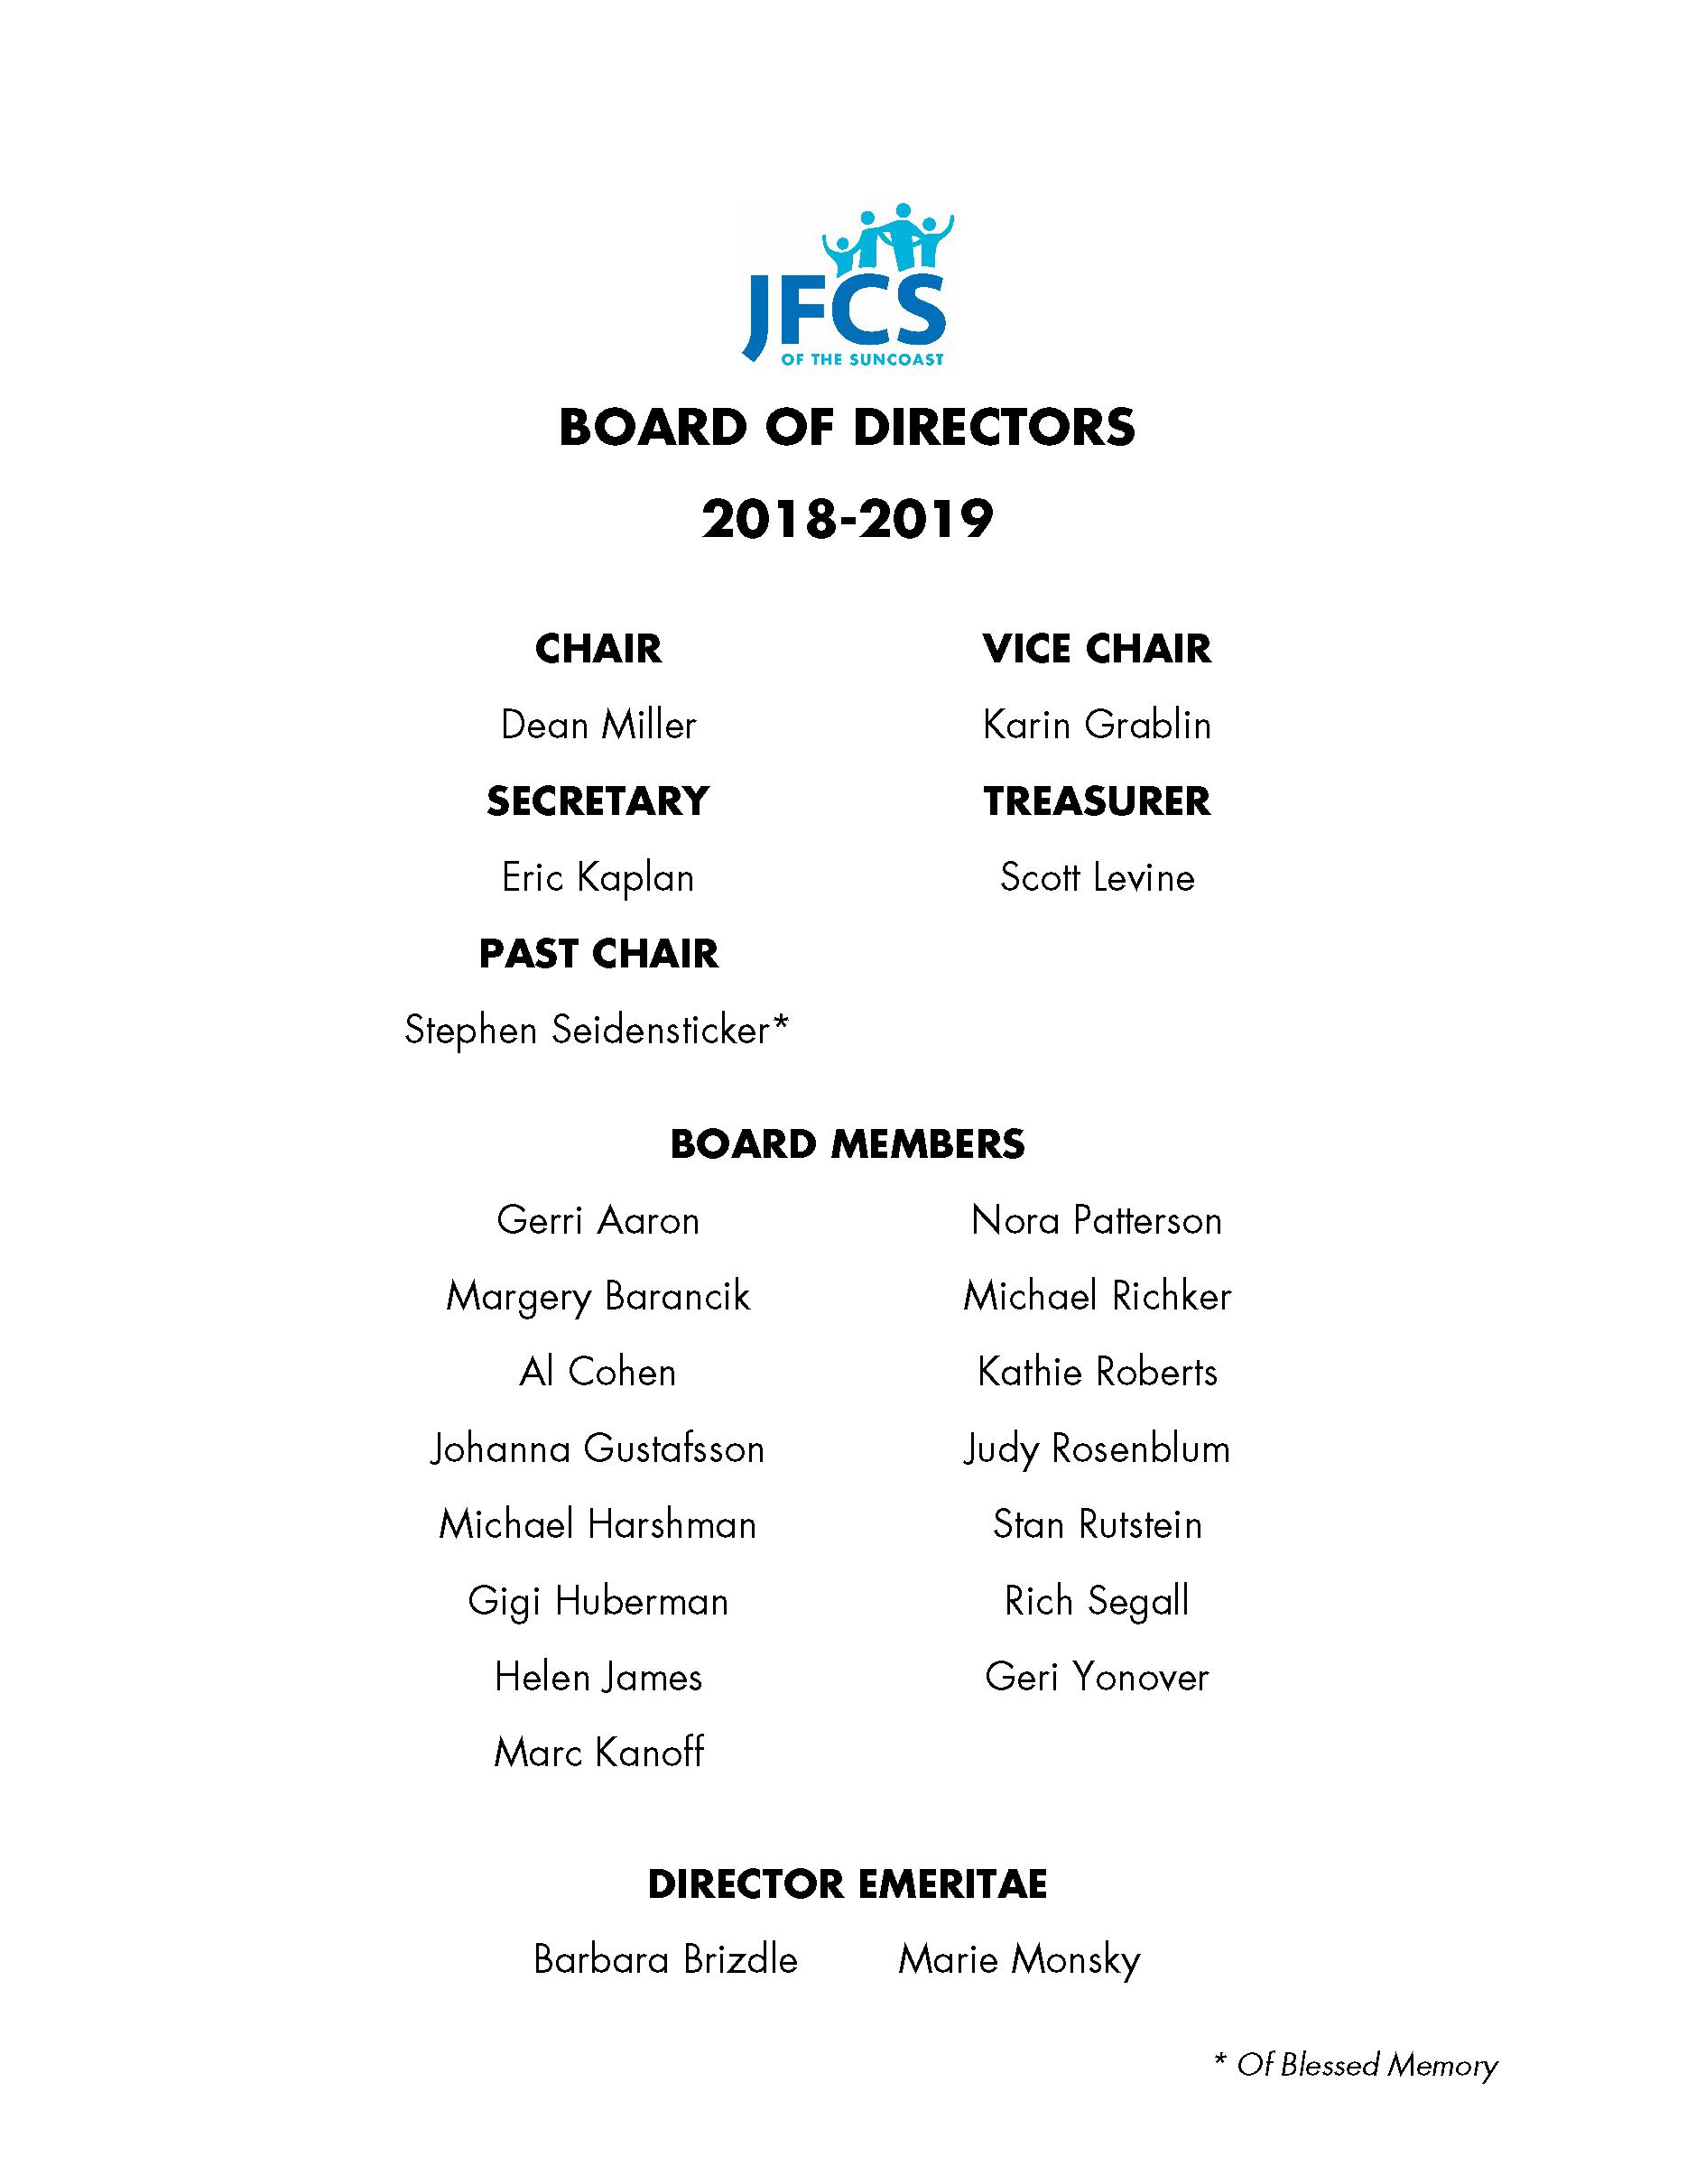 JFCS - Board of Directors 2018 -2019